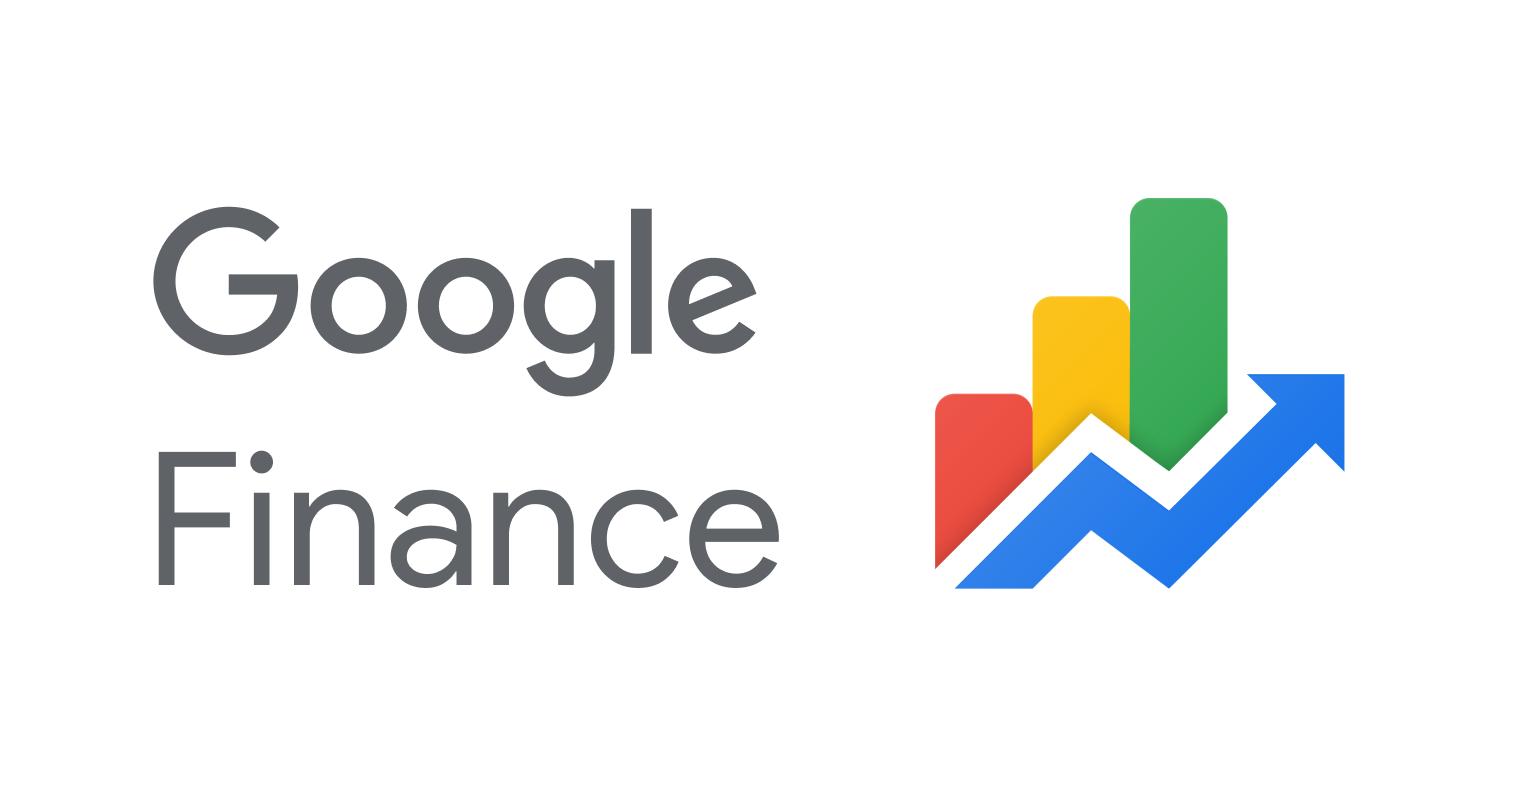 Google Finance seuraa nyt tiettyjen kryptovaluuttojen hintaa